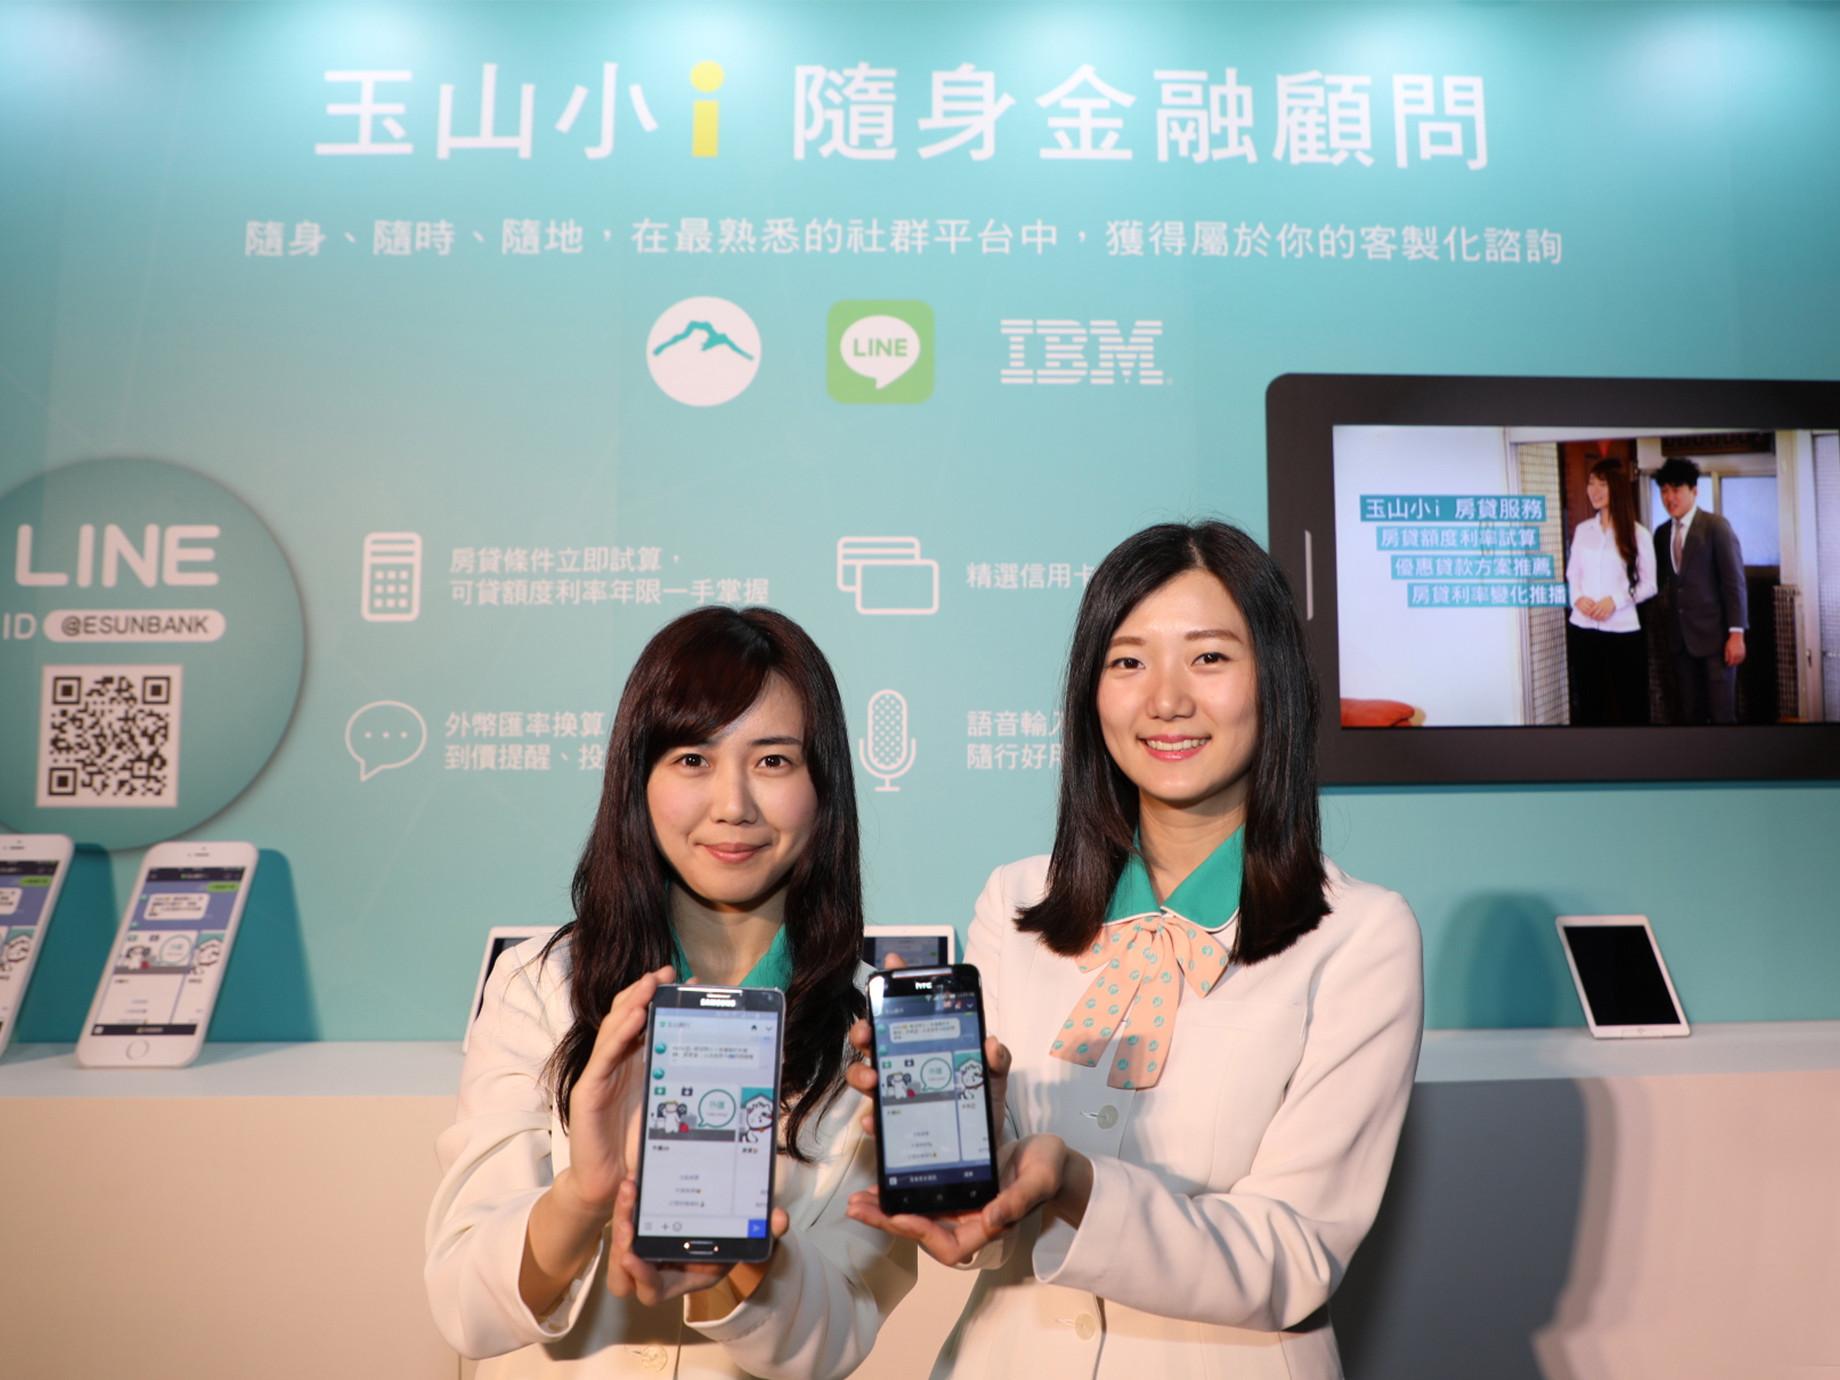 玉山銀行、LINE、IBM合推,全台第一位金融聊天機器人上線